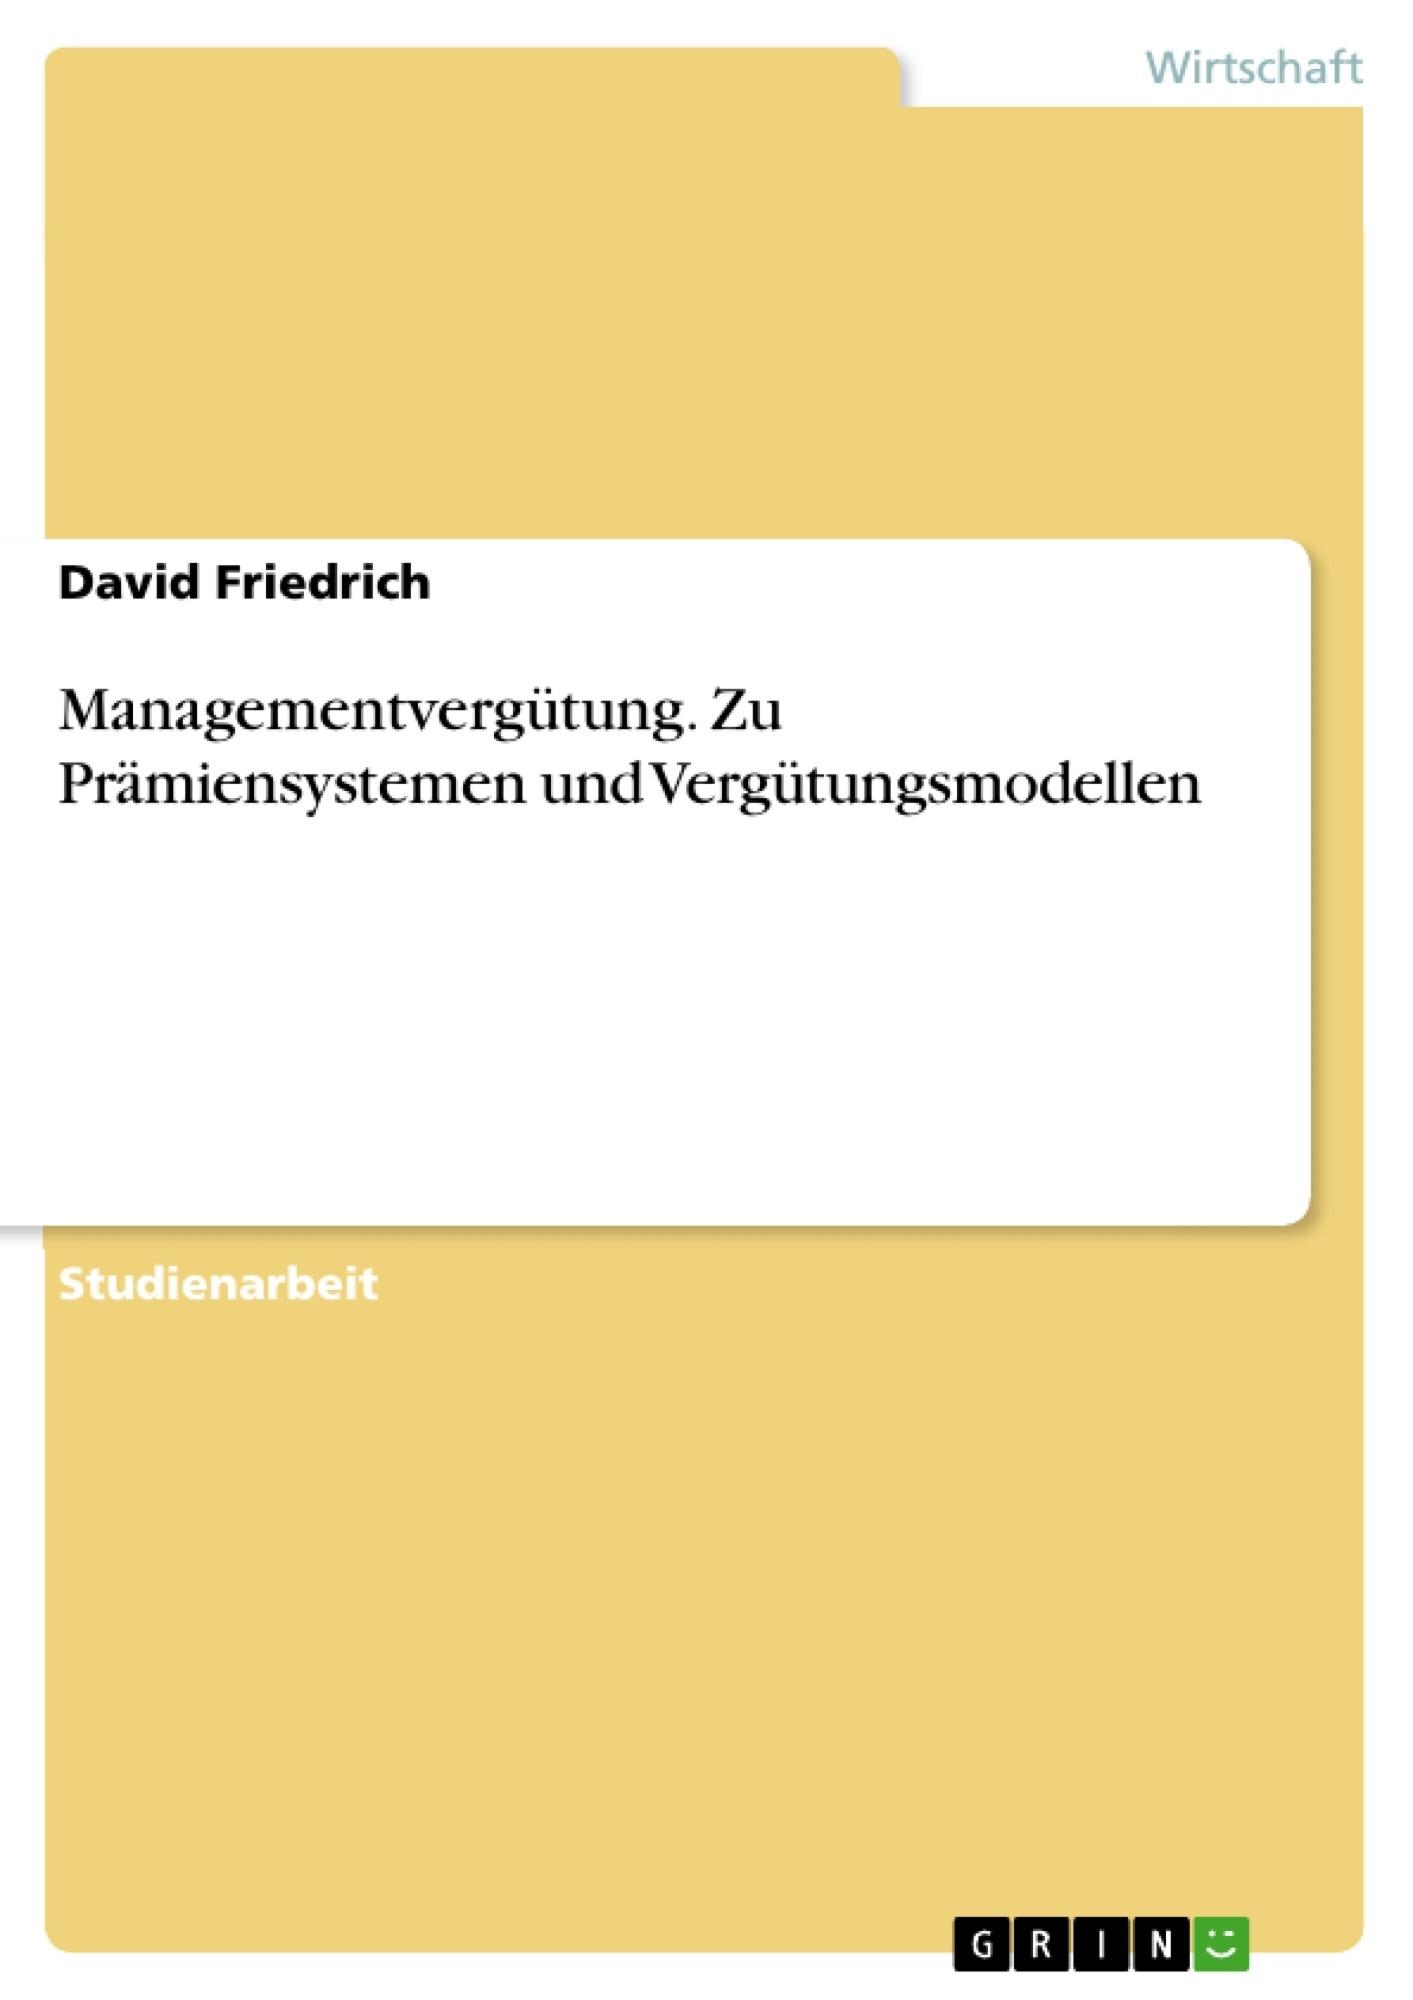 Titel: Managementvergütung. Zu Prämiensystemen und Vergütungsmodellen